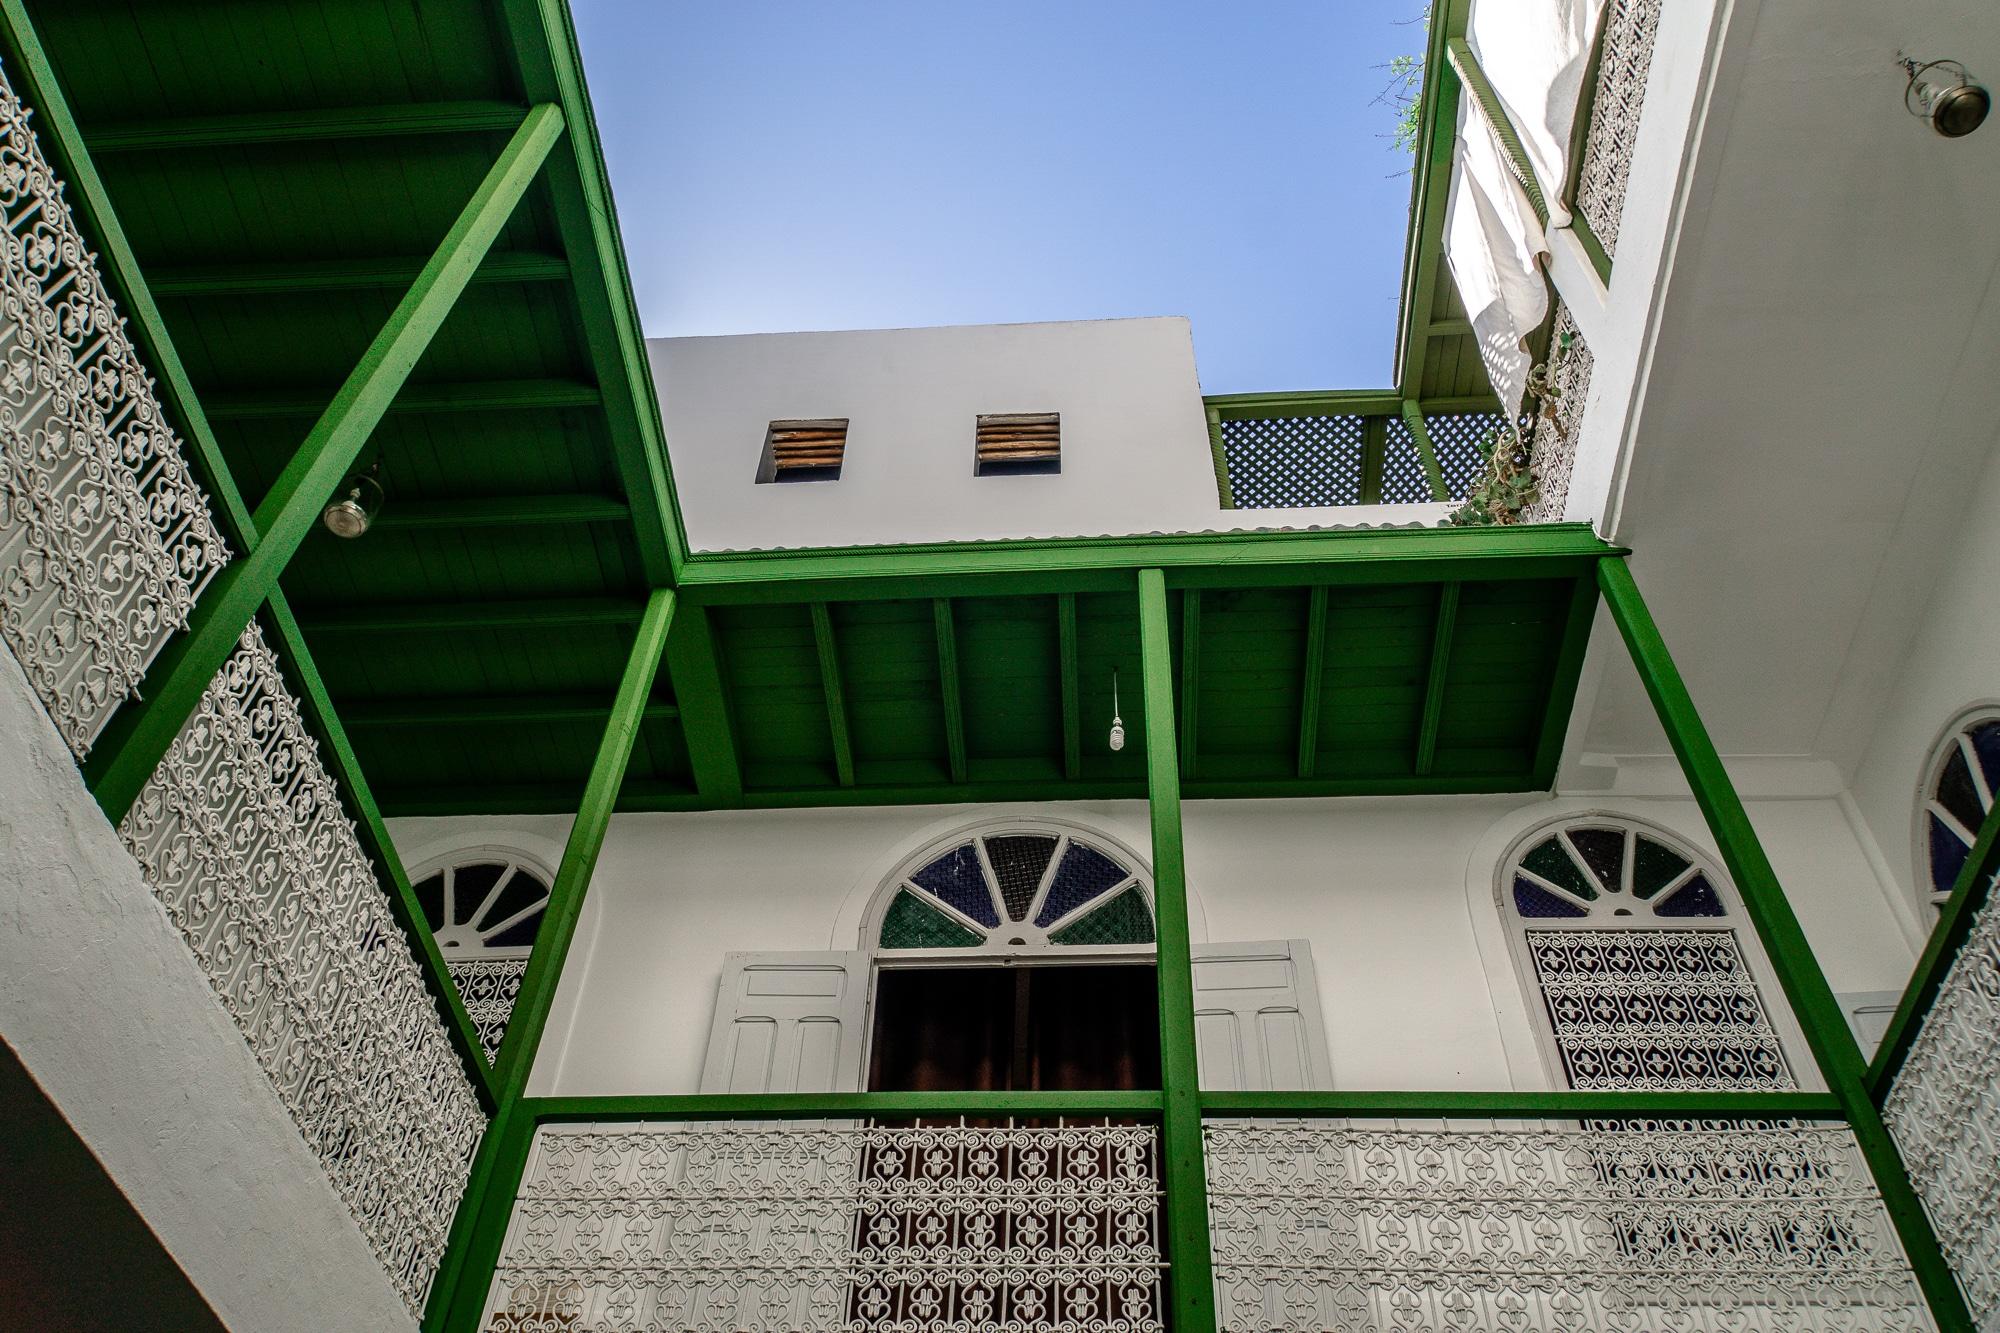 Top Ten Marrakesch Sehenswürdigkeiten - meine Marrakesch Highlights: Maison de la Photographie